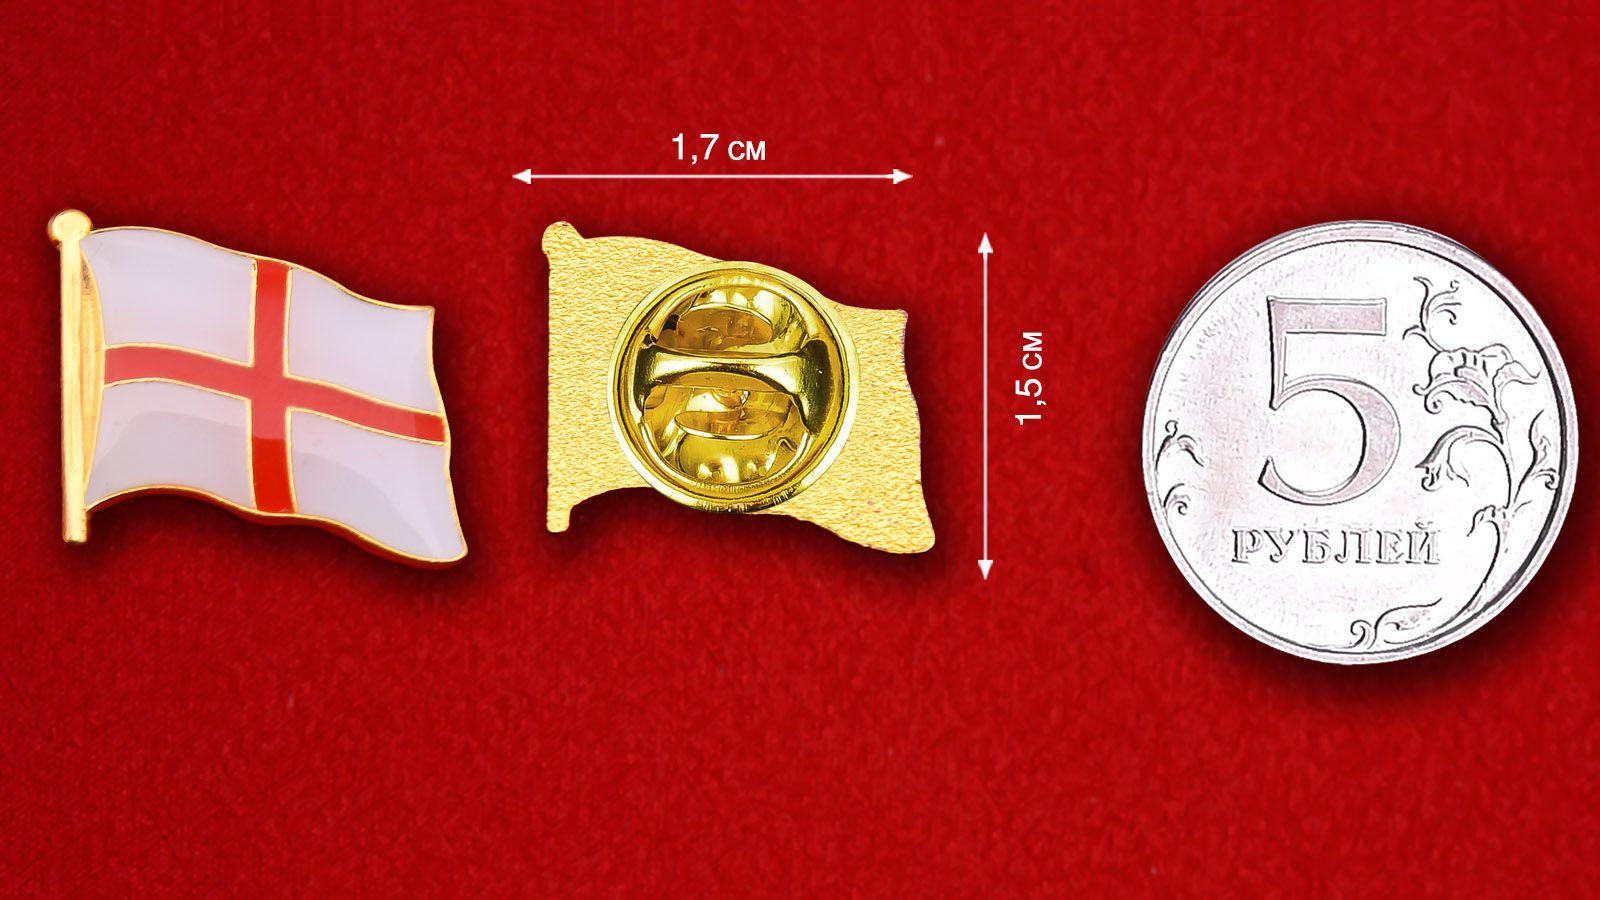 Значок Флага Англии - сравнительный размер